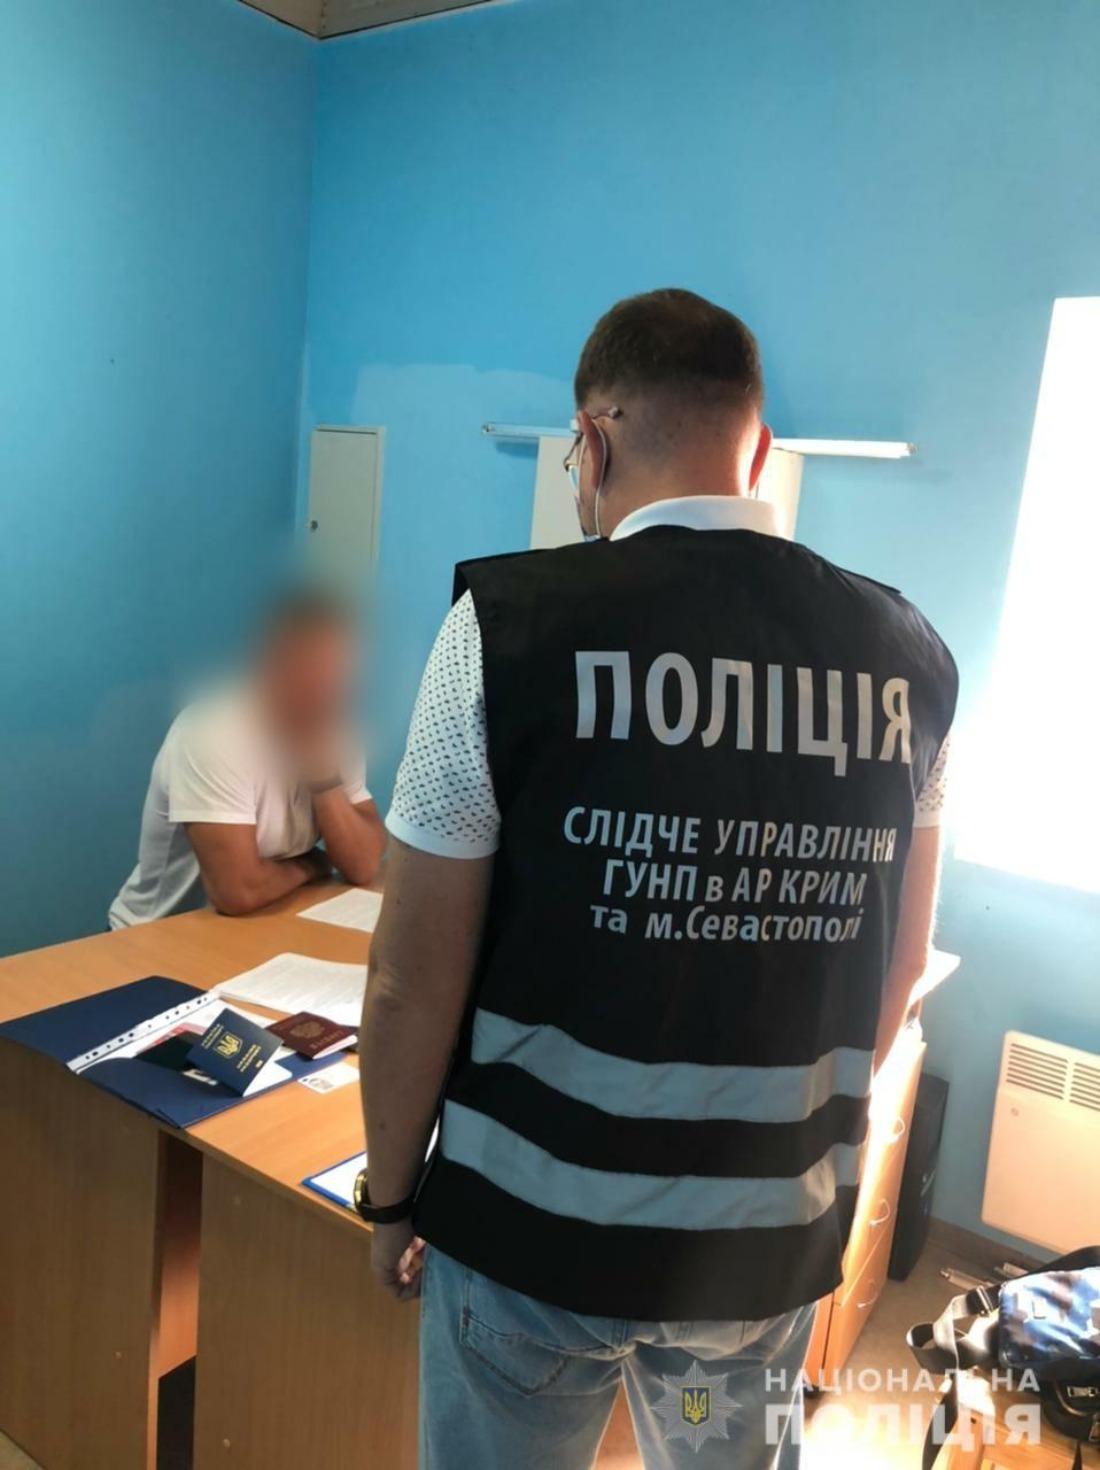 """Кримська поліція спільно з СБУ затримала екс-військового, що зрадив присязі і вступив до """"самооборони Криму"""" - фото 3"""